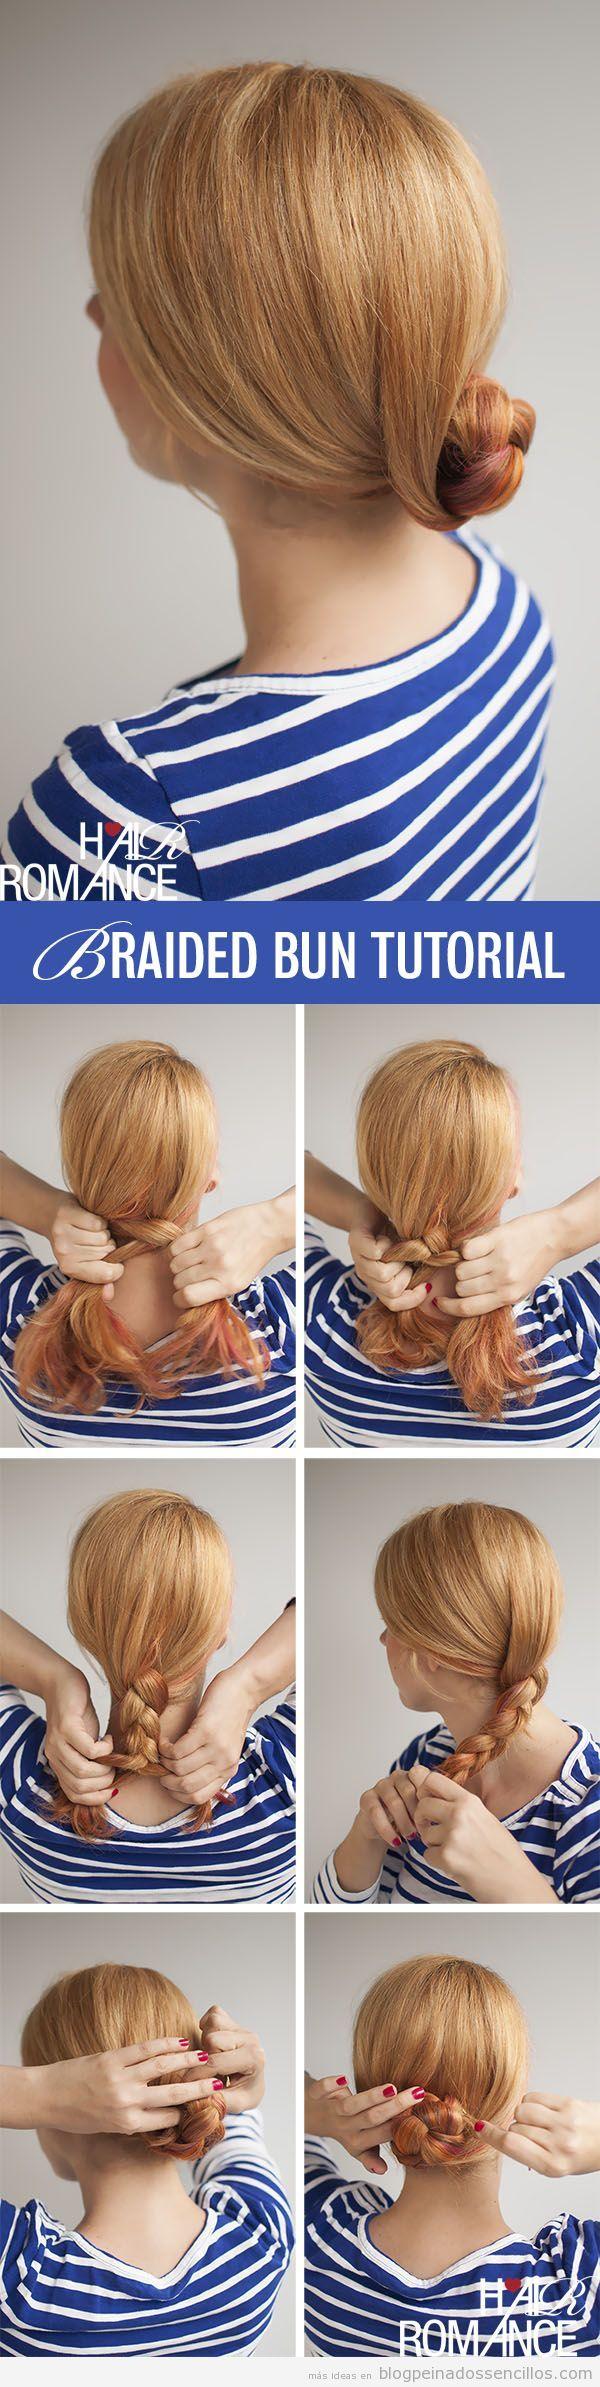 tutorial peinados sencillos moo bajo con trenza